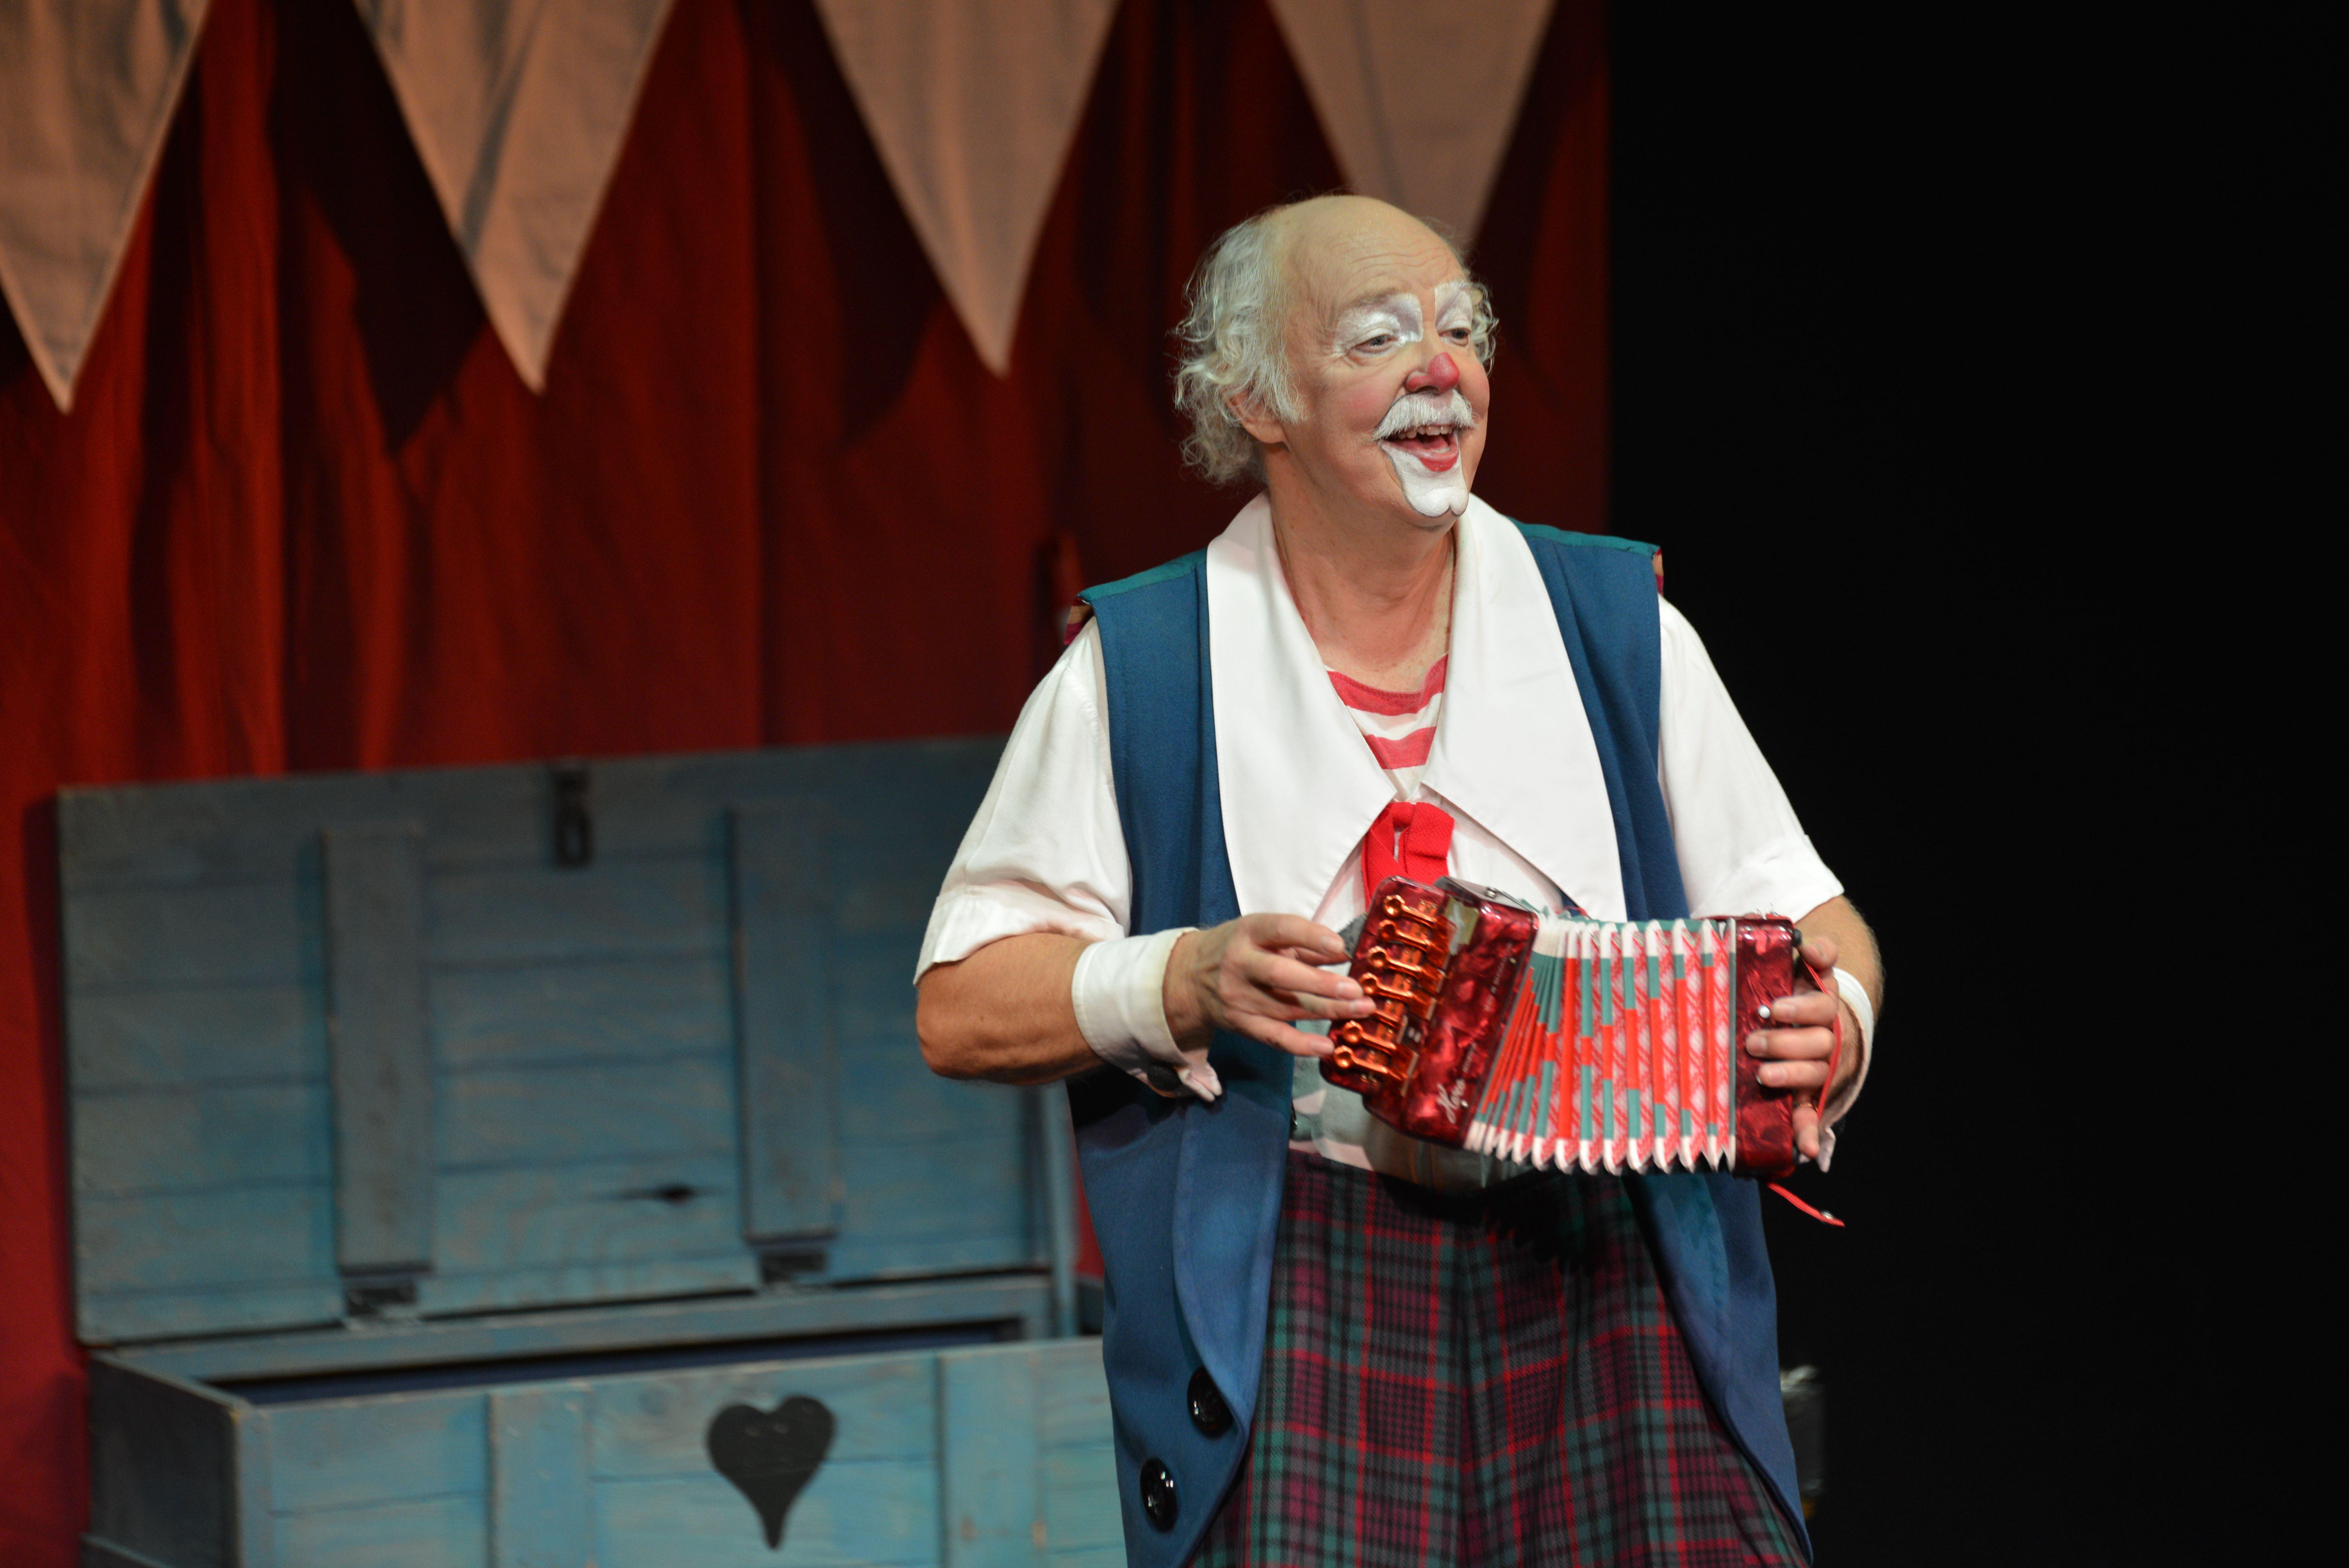 Clownen och cirkusprinsessan - Österåkers bibliotek